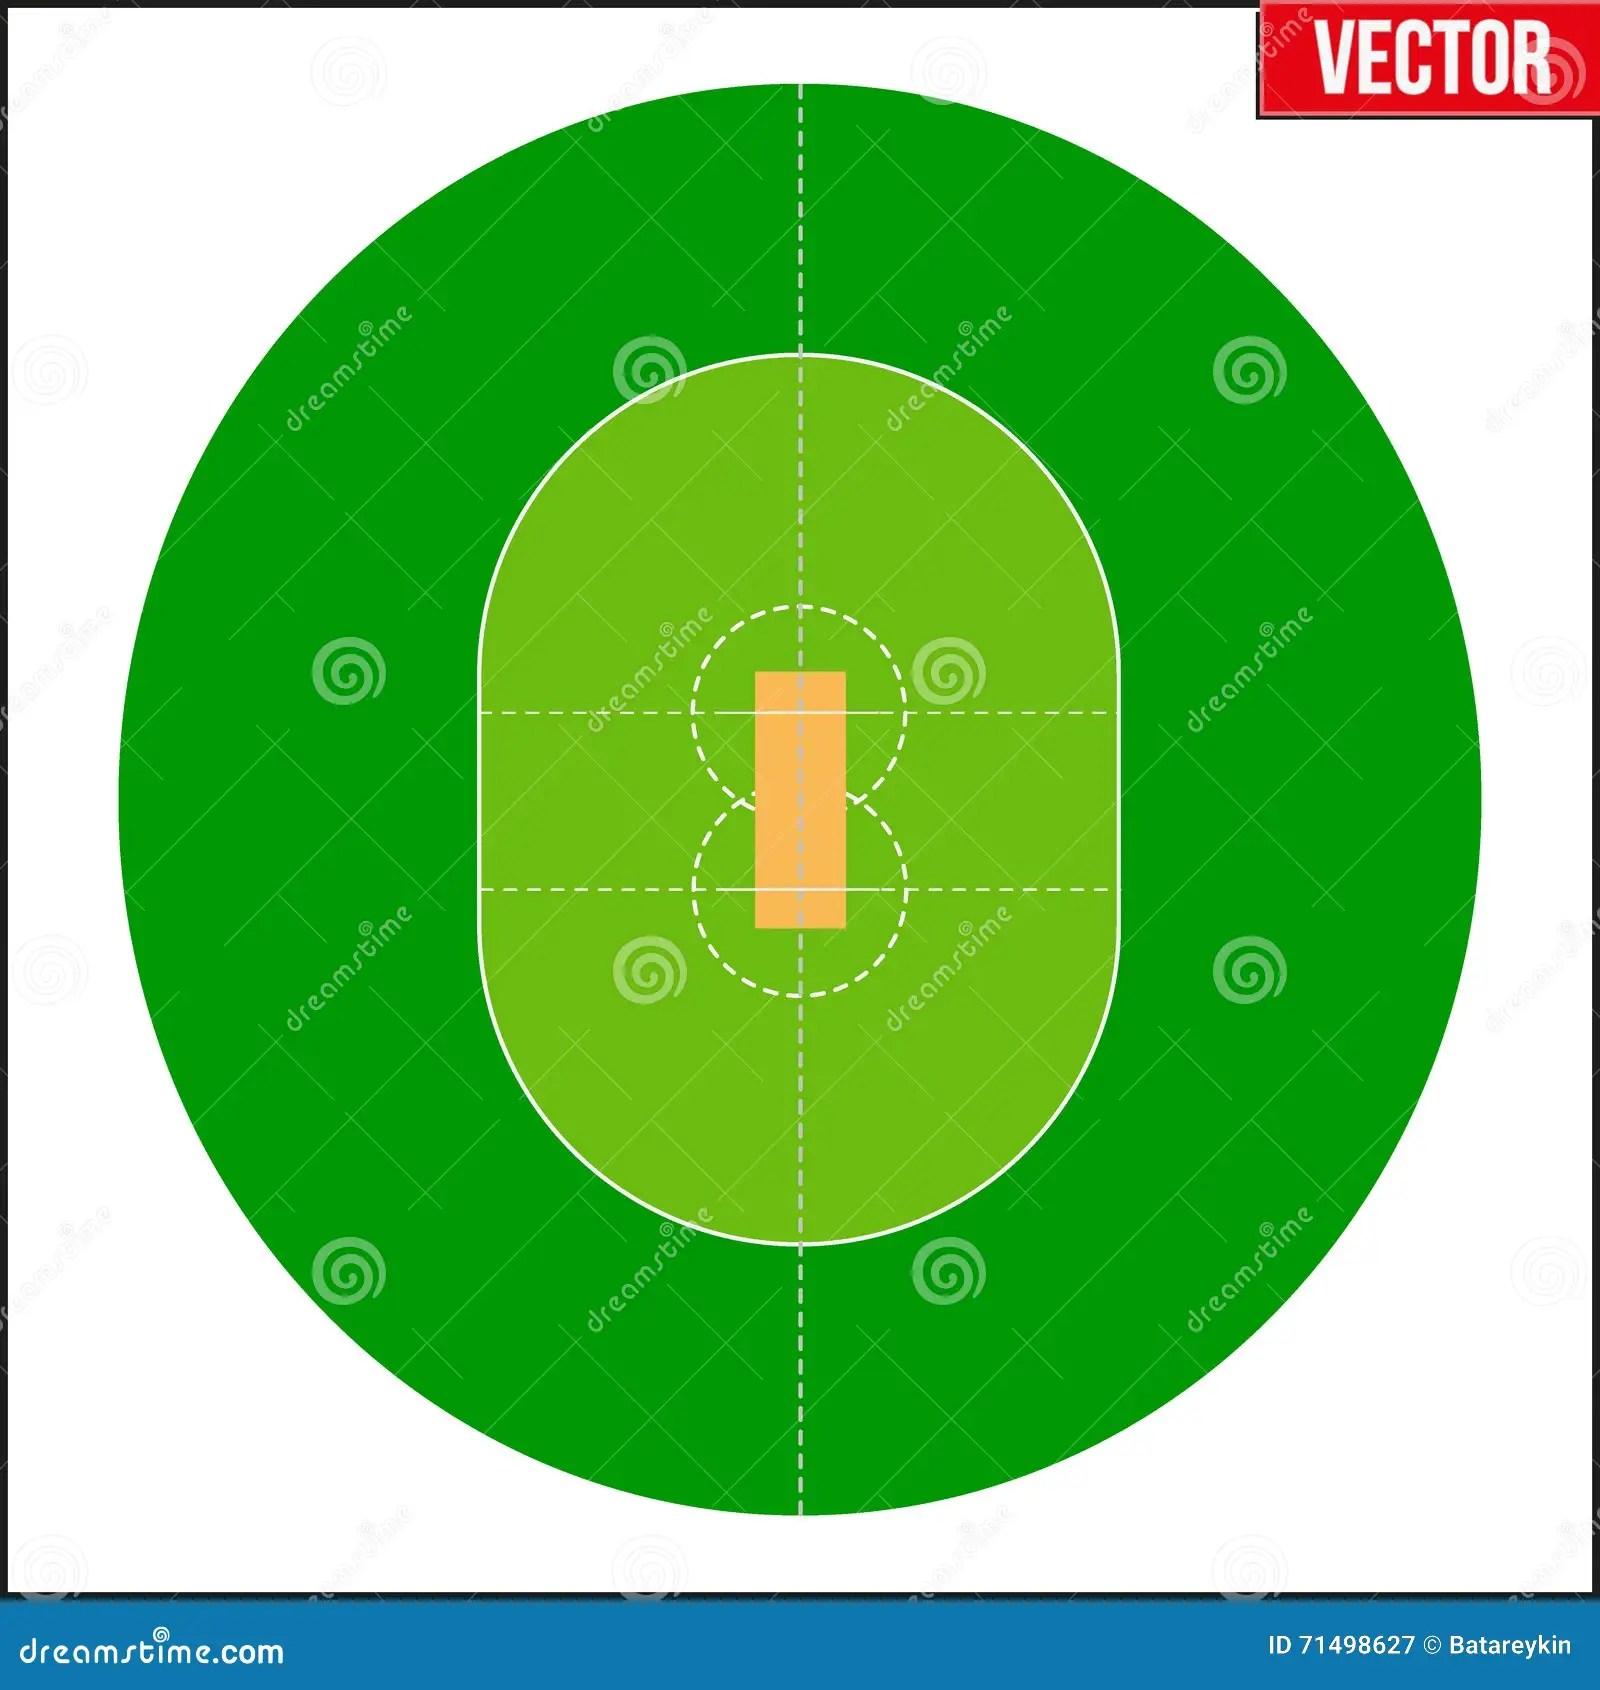 hight resolution of cricket field vector illustration